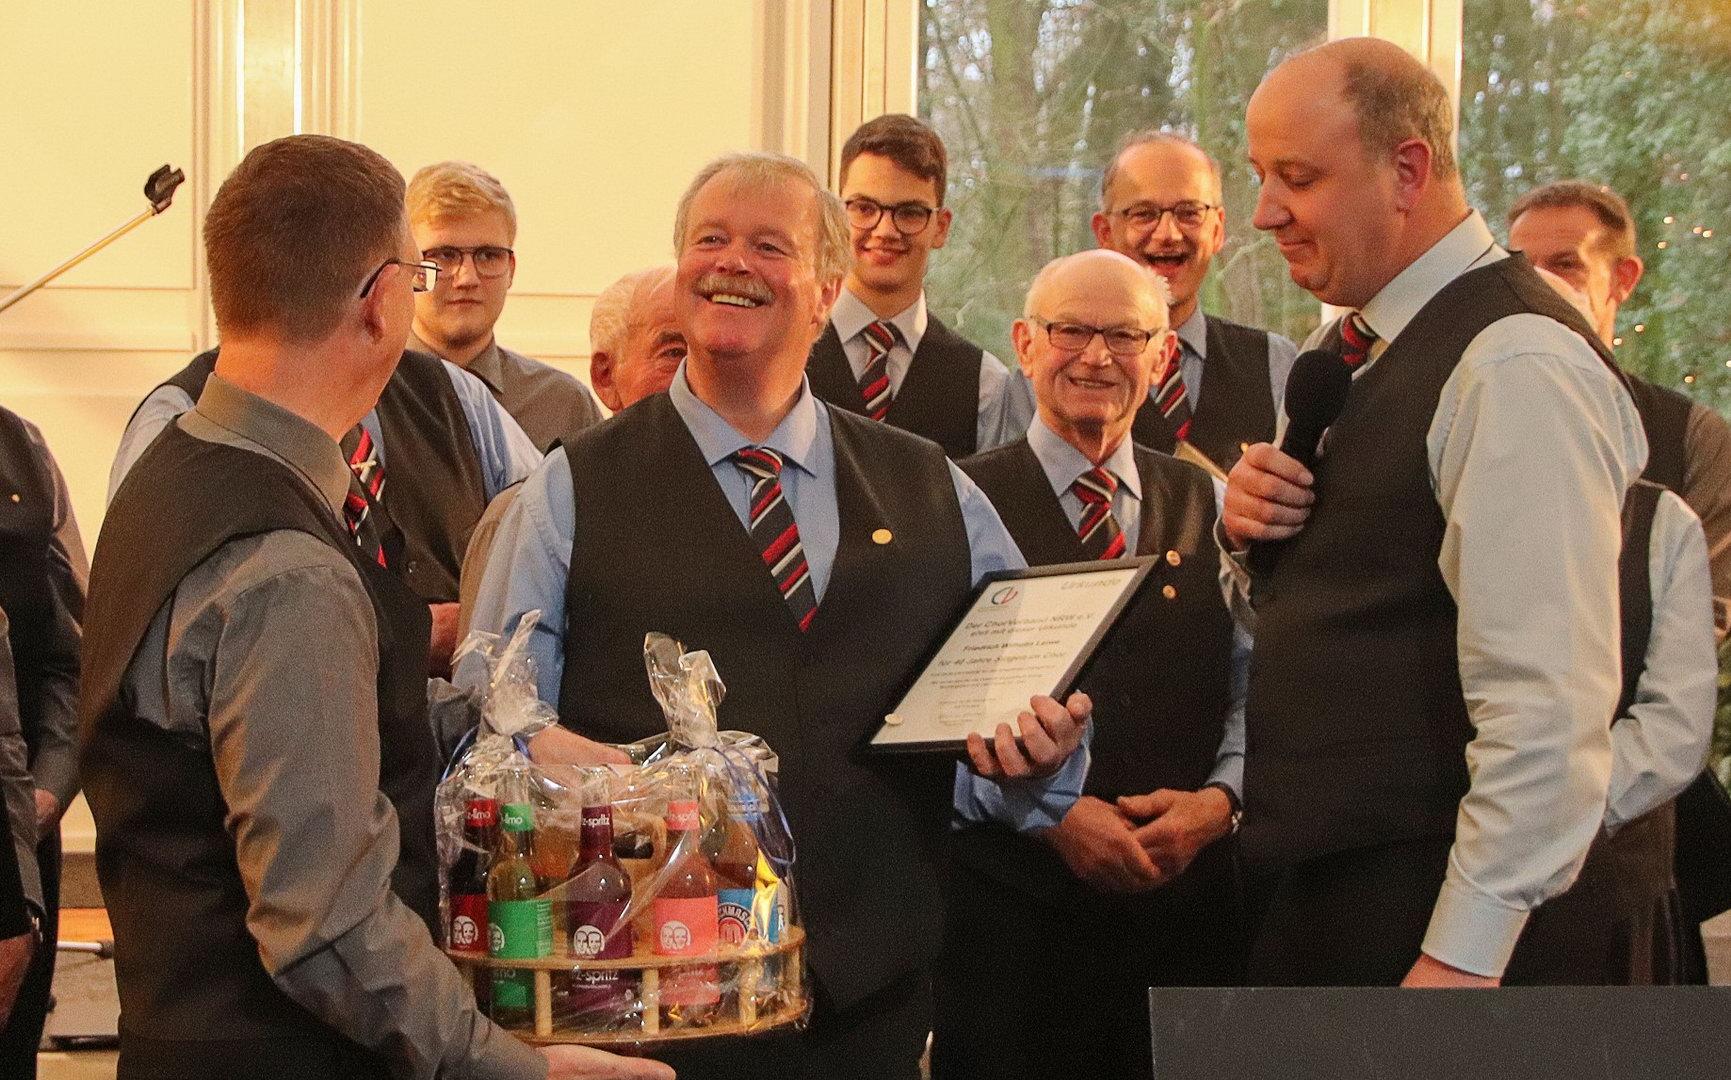 04 Friedrich-Wilhelm Leiwe erhält FRIZZ-KOLA fuer 40 Jahre im MGV